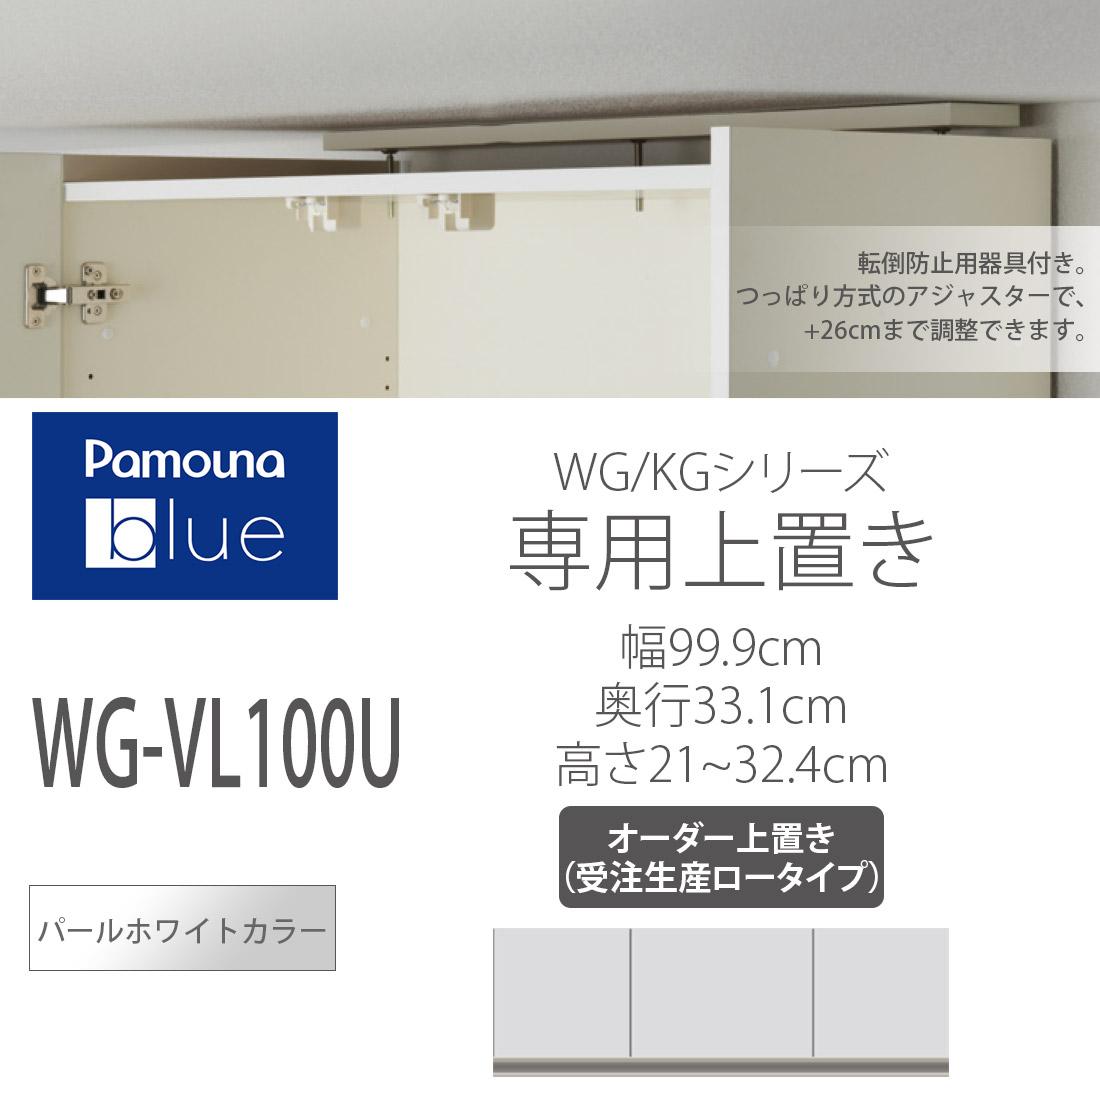 食器棚 パモウナ WL/KL WL-VL100U 高さオーダー上置 【幅99.8×奥行33.1×高さ21-32.4cm】 パールホワイト 安心 食器棚